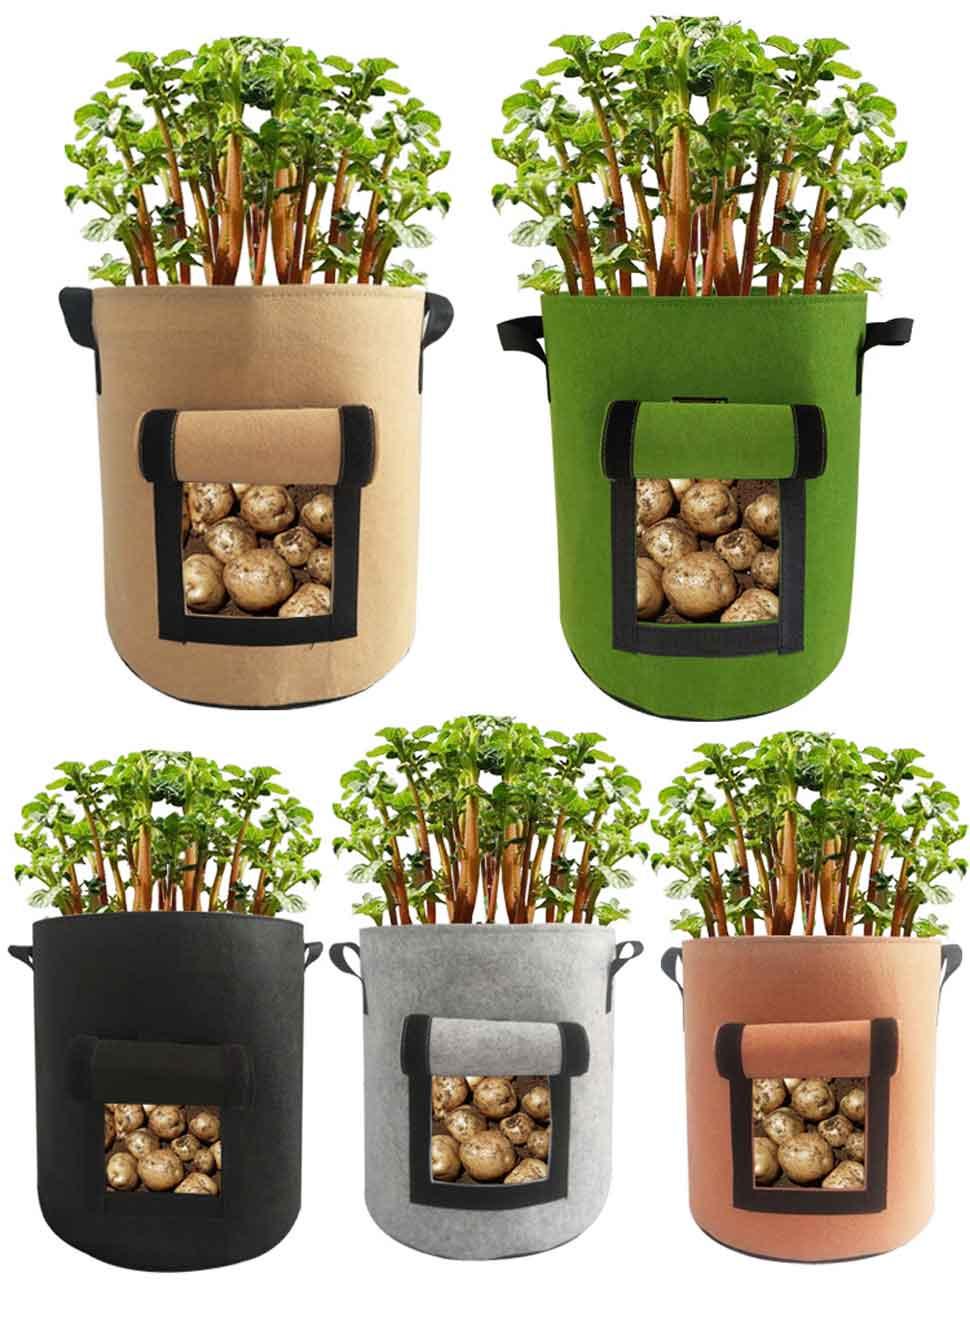 vegetable grow bags 3